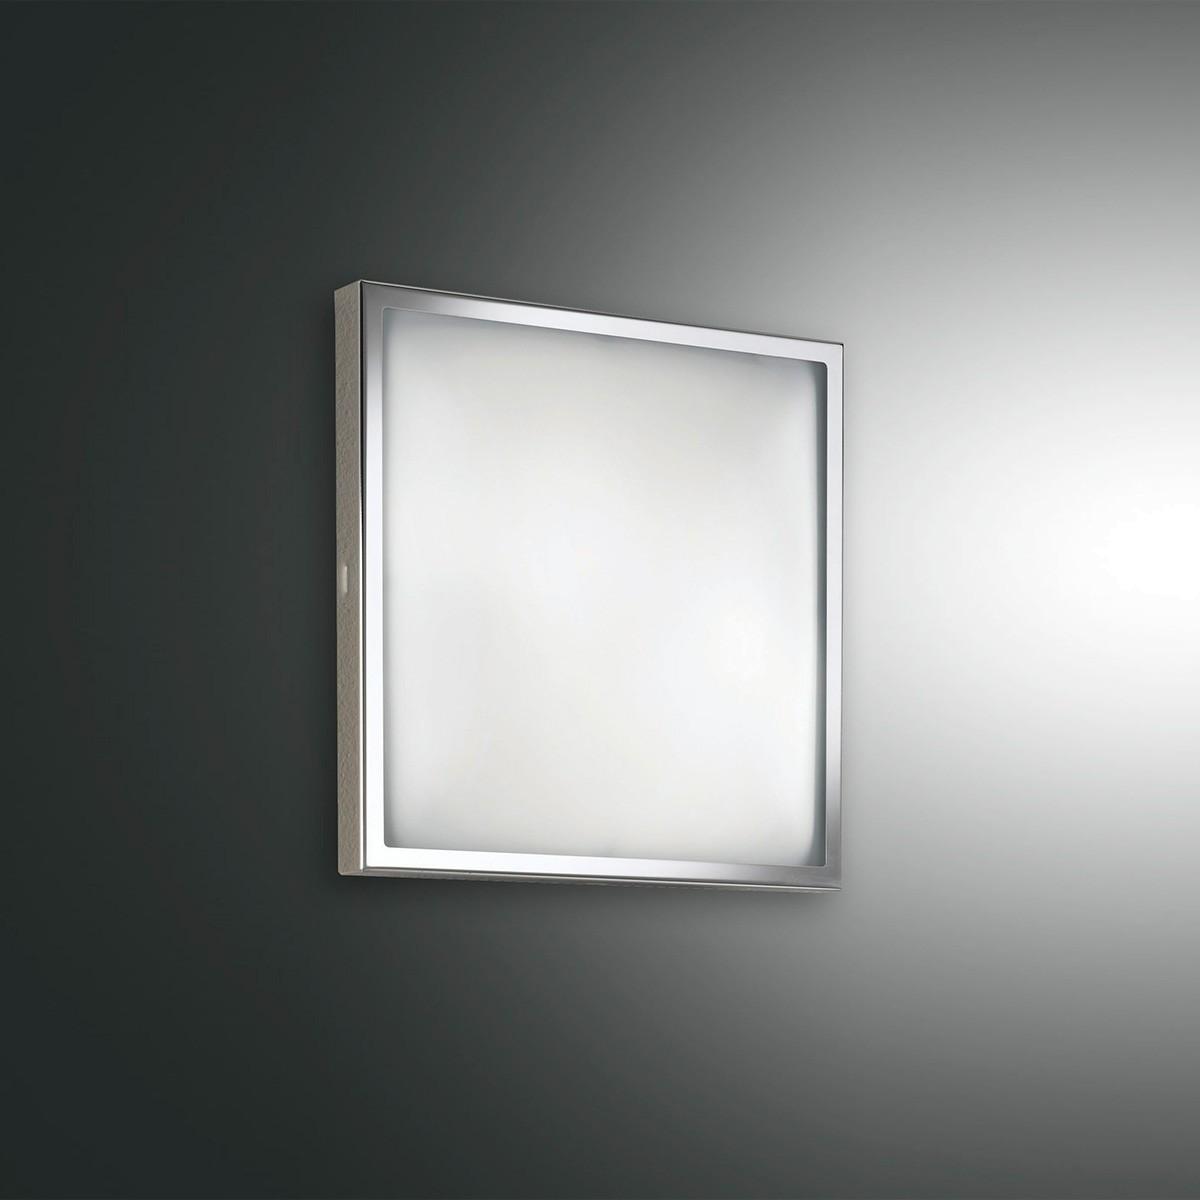 Fabas Luce Osaka Wandleuchte, 22 x 22 cm, Nickel satiniert